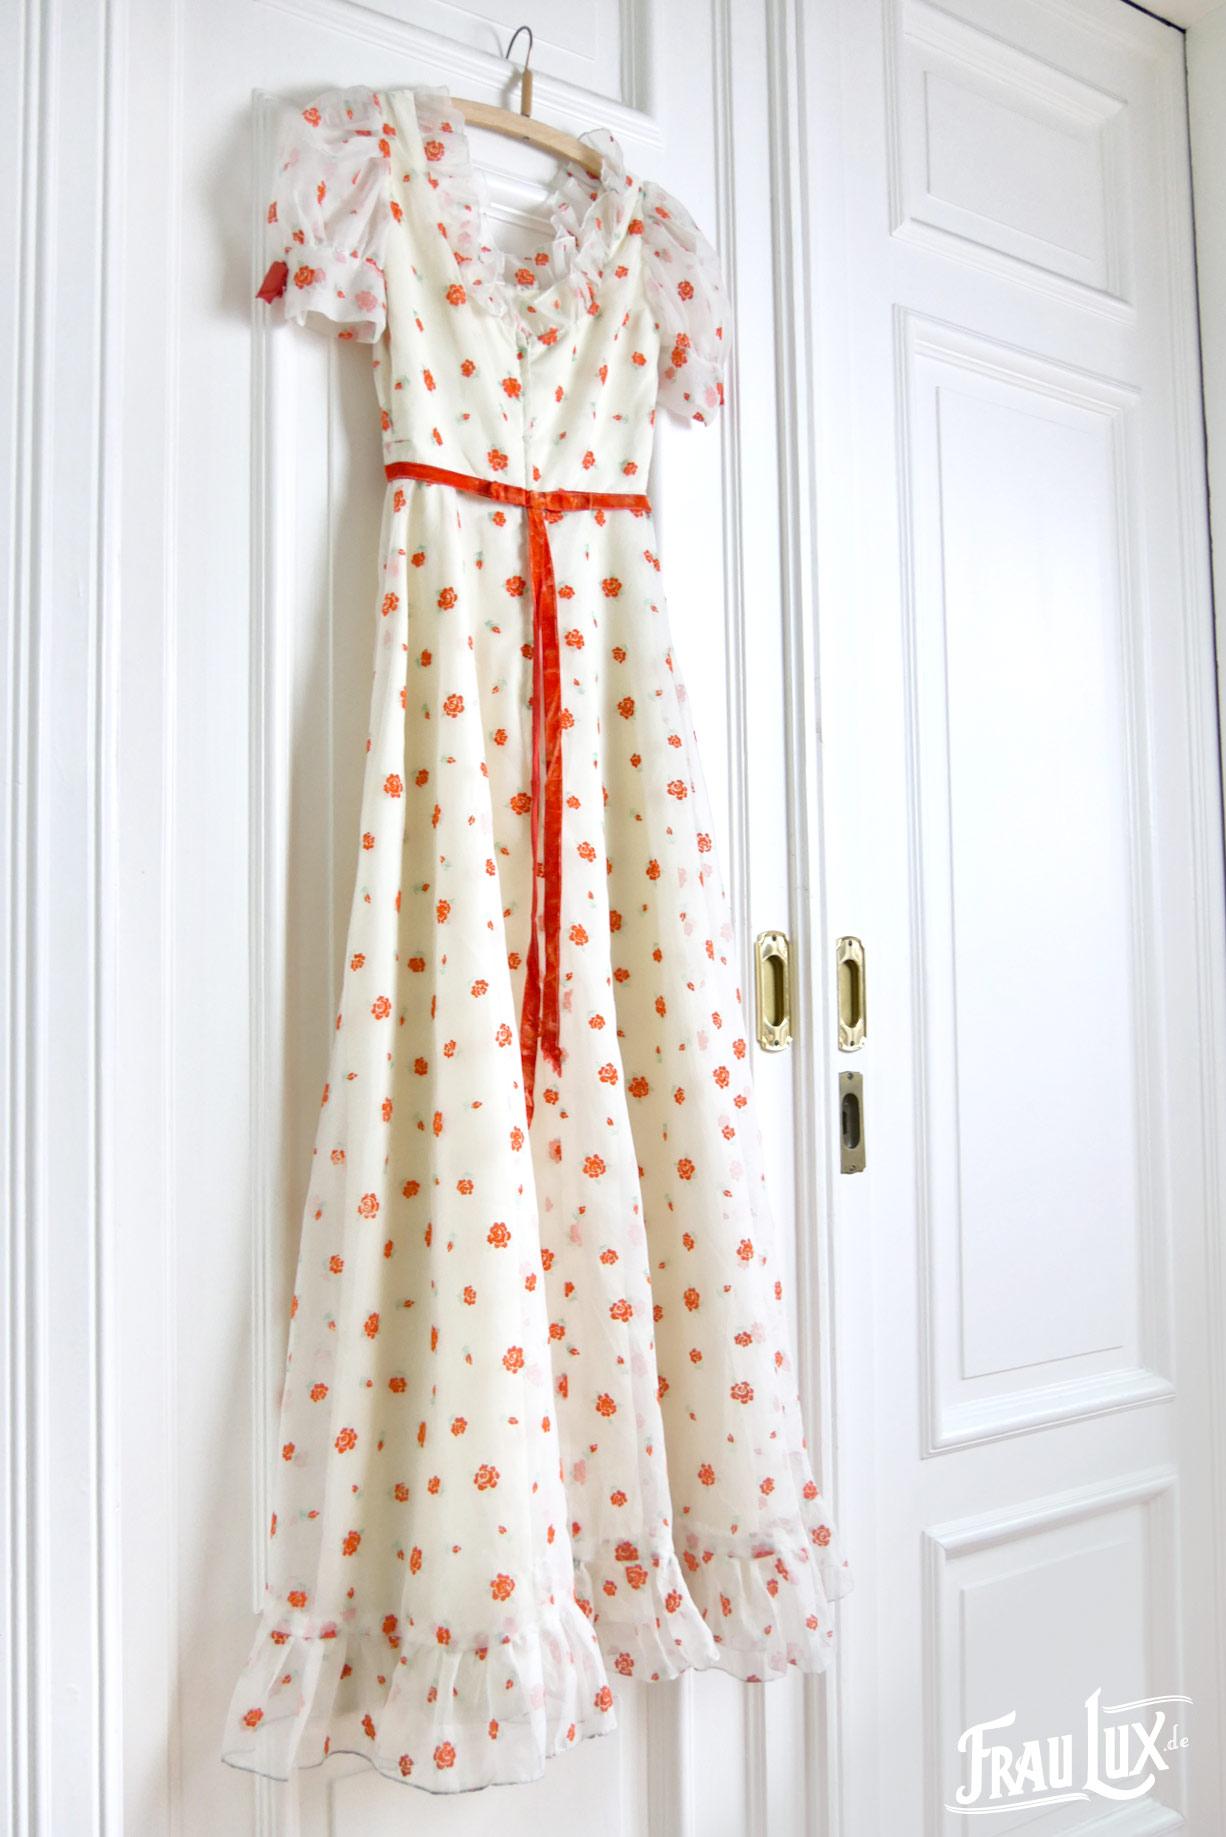 Hochzeitskleid mit orangefarbenden Blüten